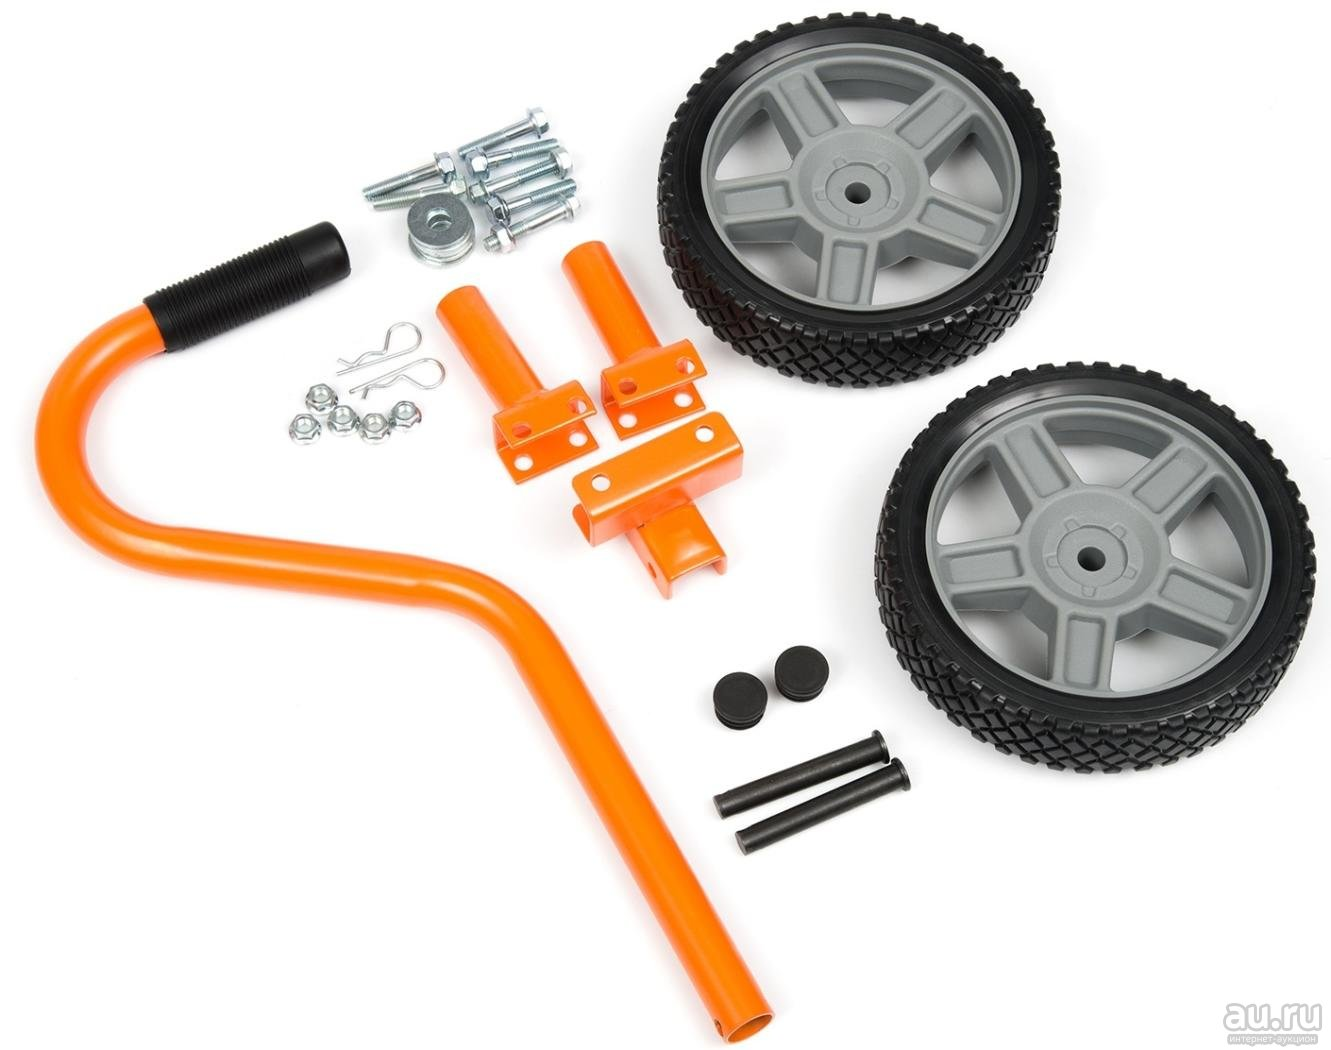 Комплект колес для генераторов ECT 7000 в Боре